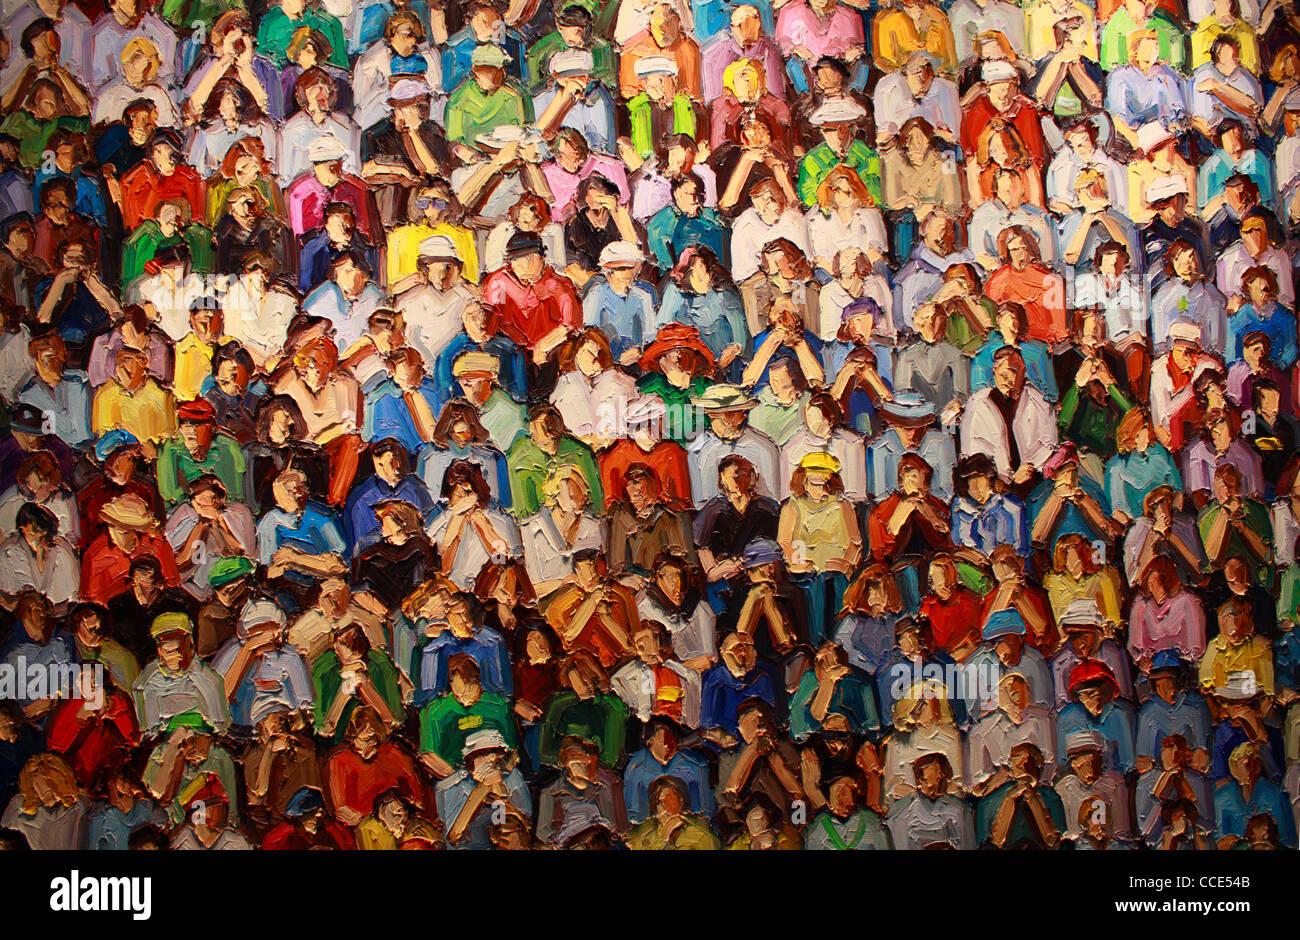 farbenfrohe Gemälde von einer Menschenmenge oder Publikum, Detail des Stadion von Ralph Fleck, 2011 Stockbild